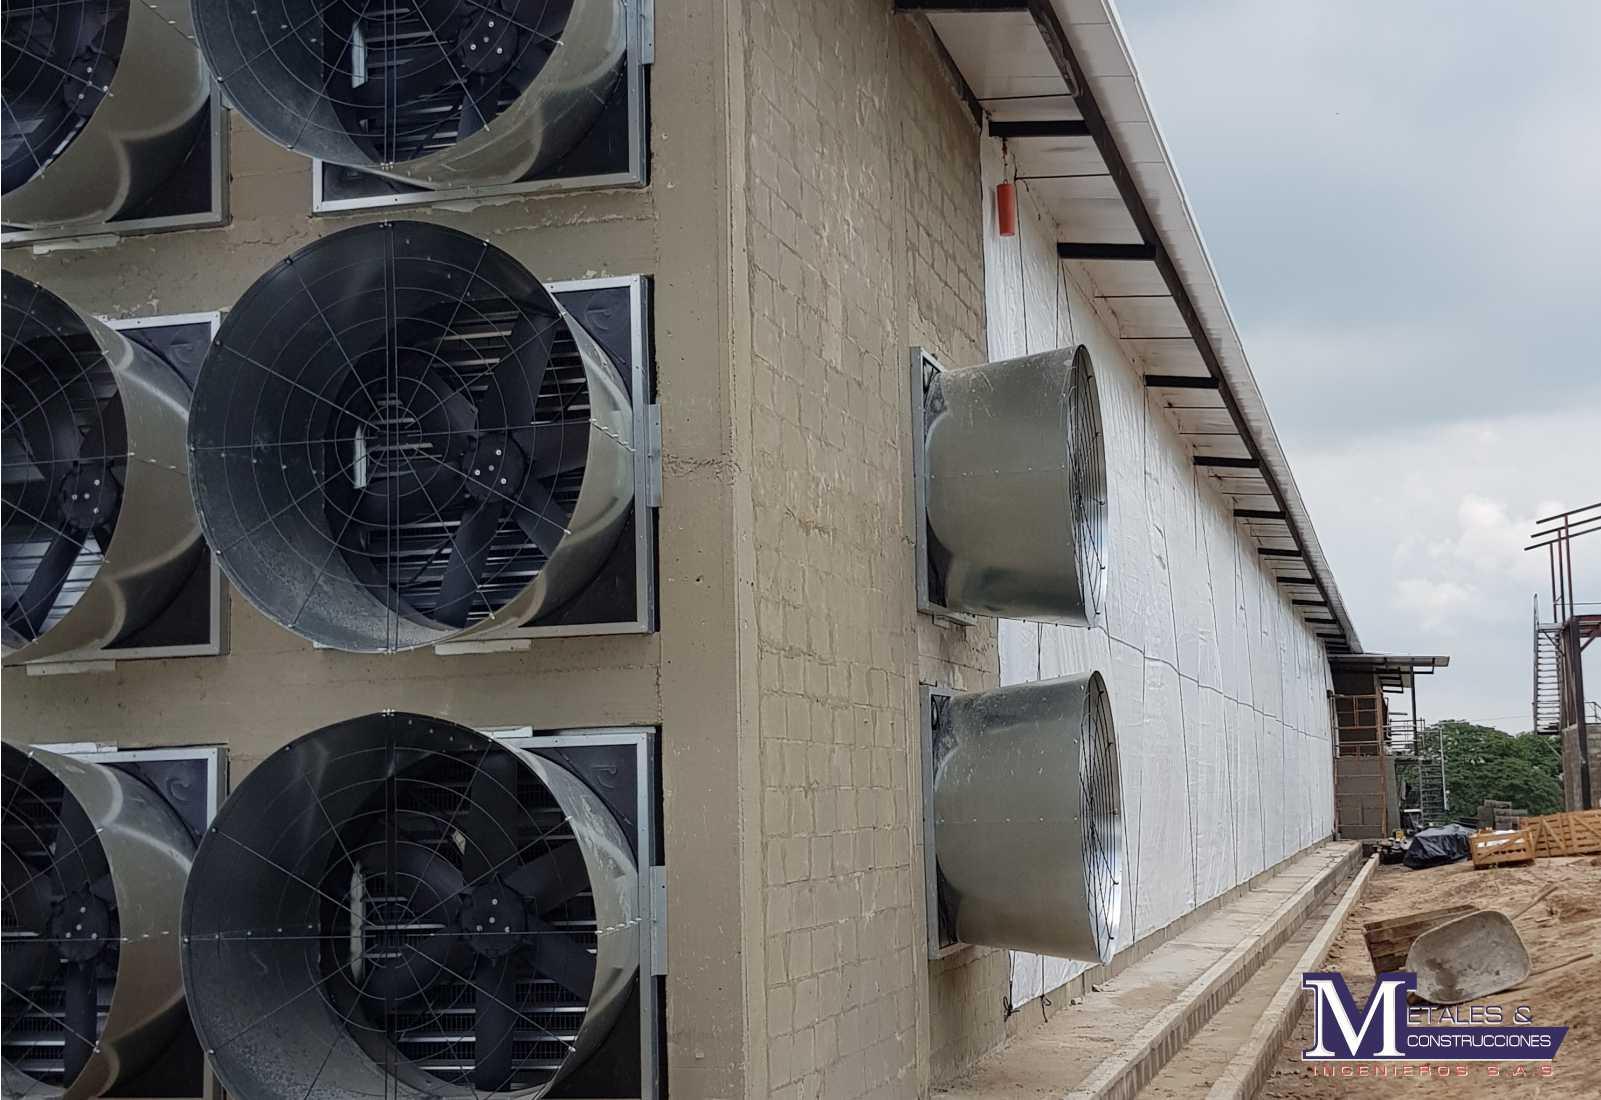 Ambiente Controlado Metales y Construcciones 2006